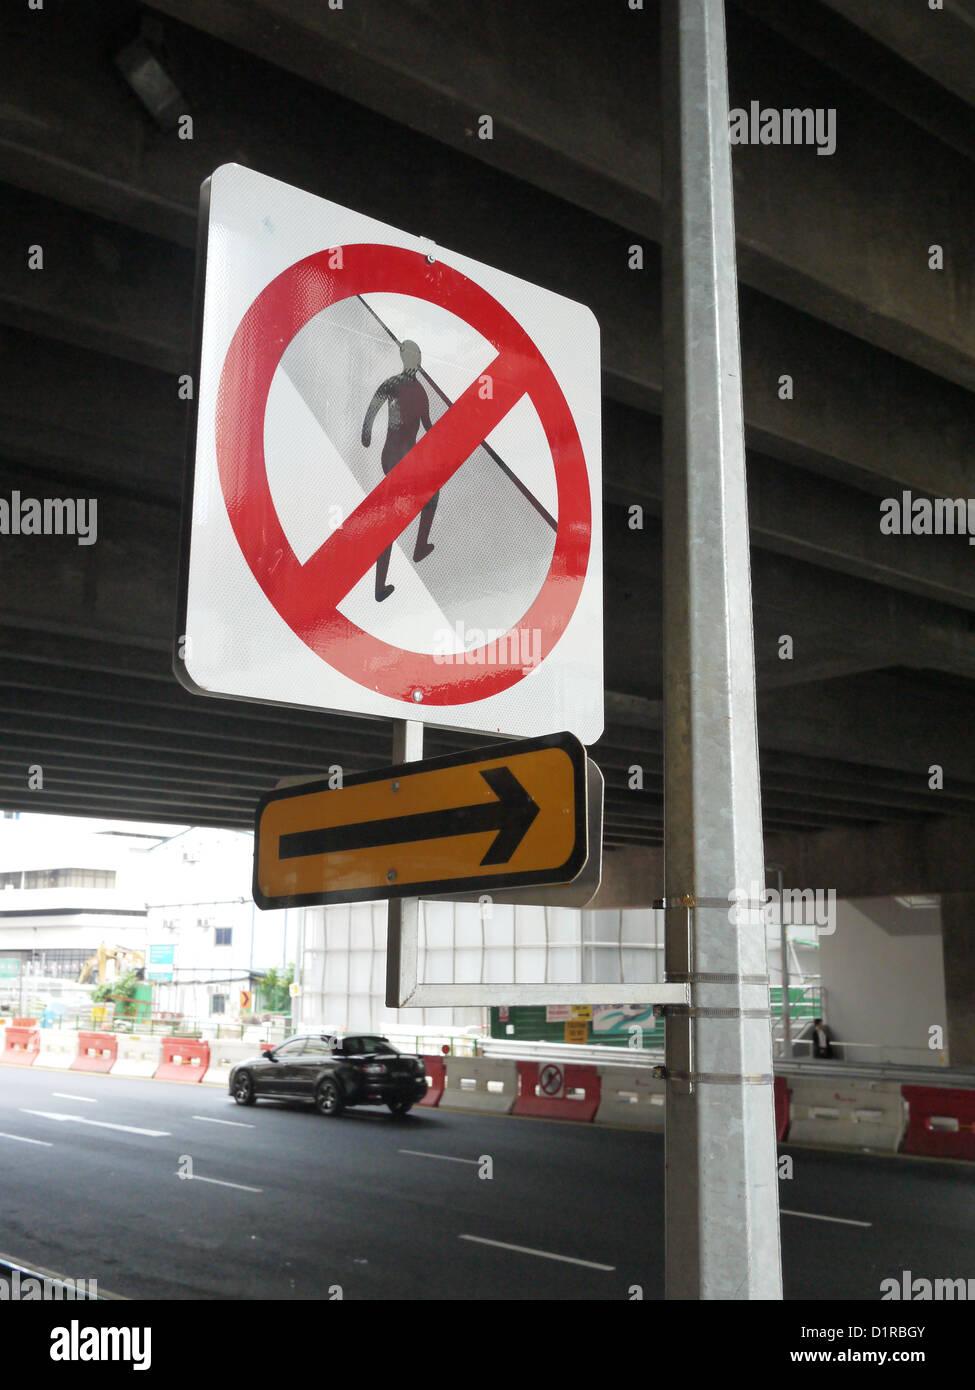 no cross sign jaywalk jaywalking jwalk singapore stock